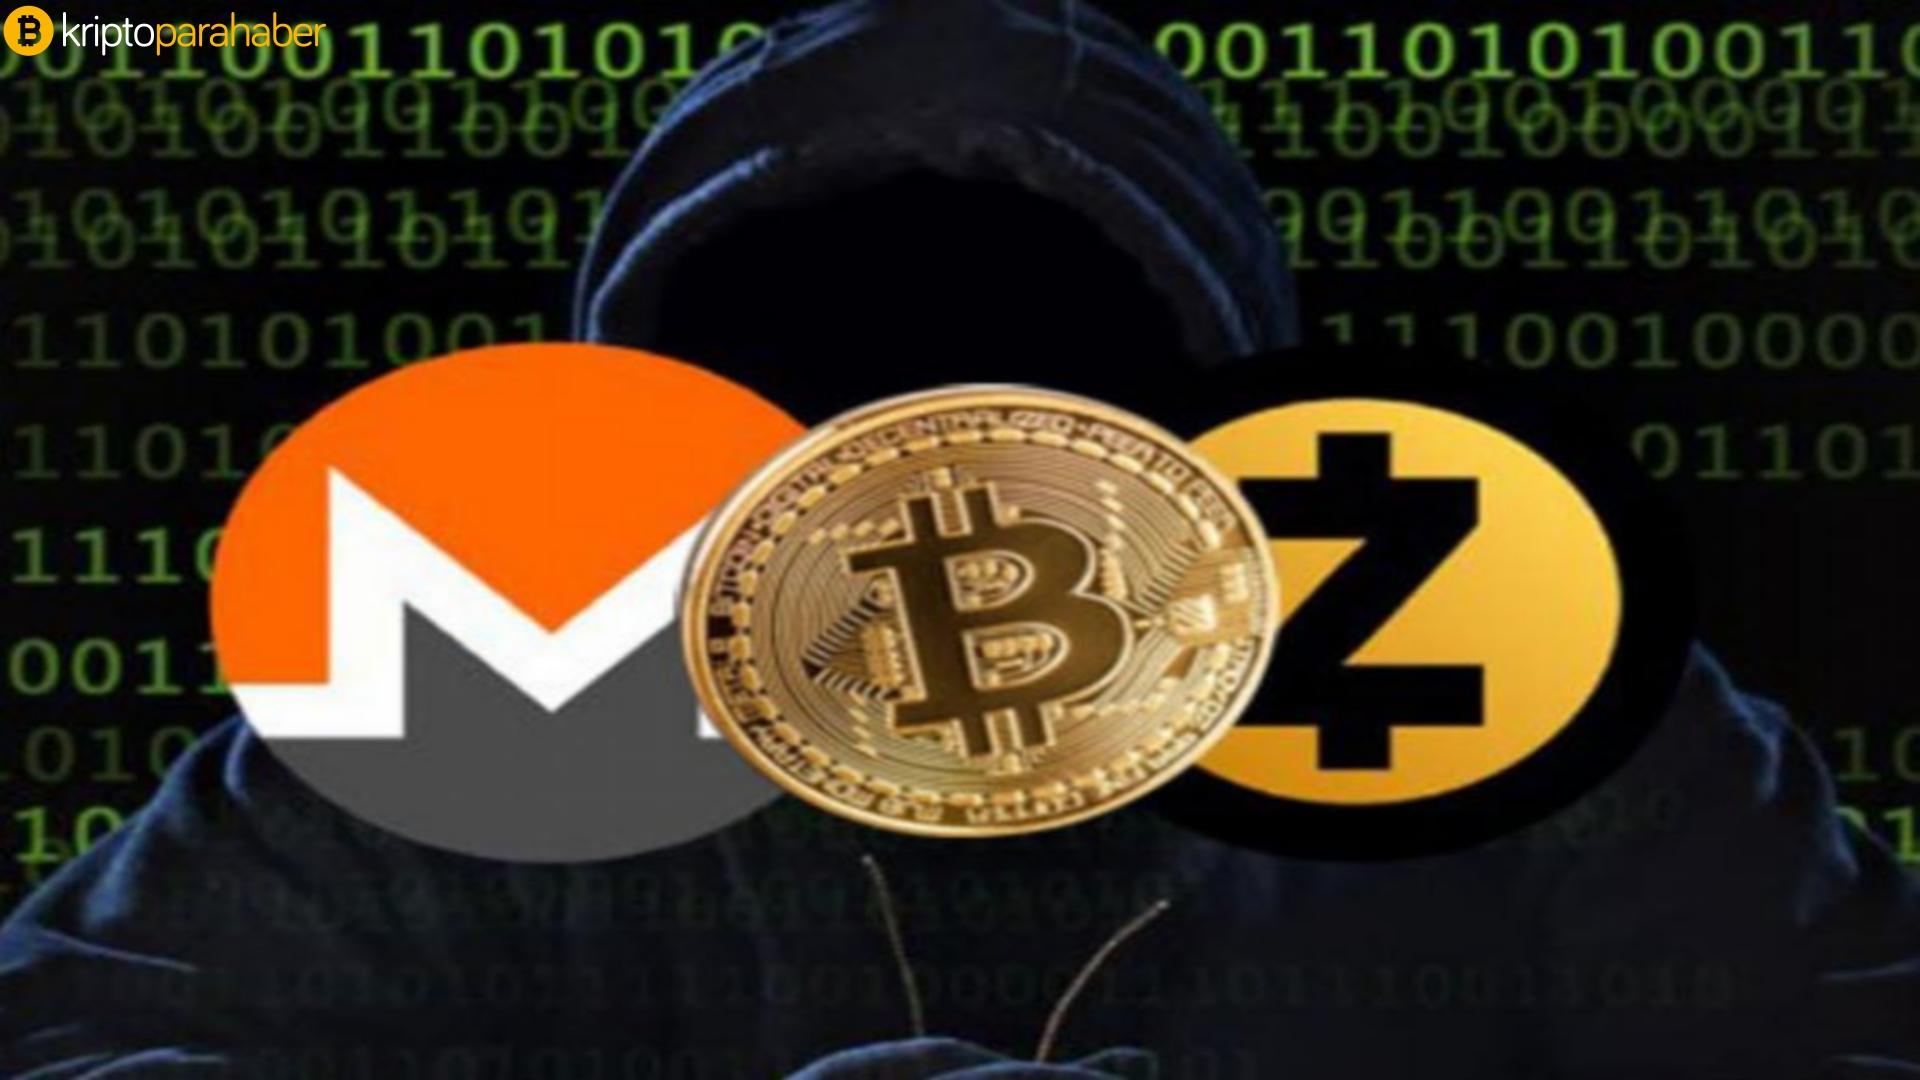 Europol: Suçlular Bitcoin'den Monero, Zcash ve Dash'e geçiş yapıyor